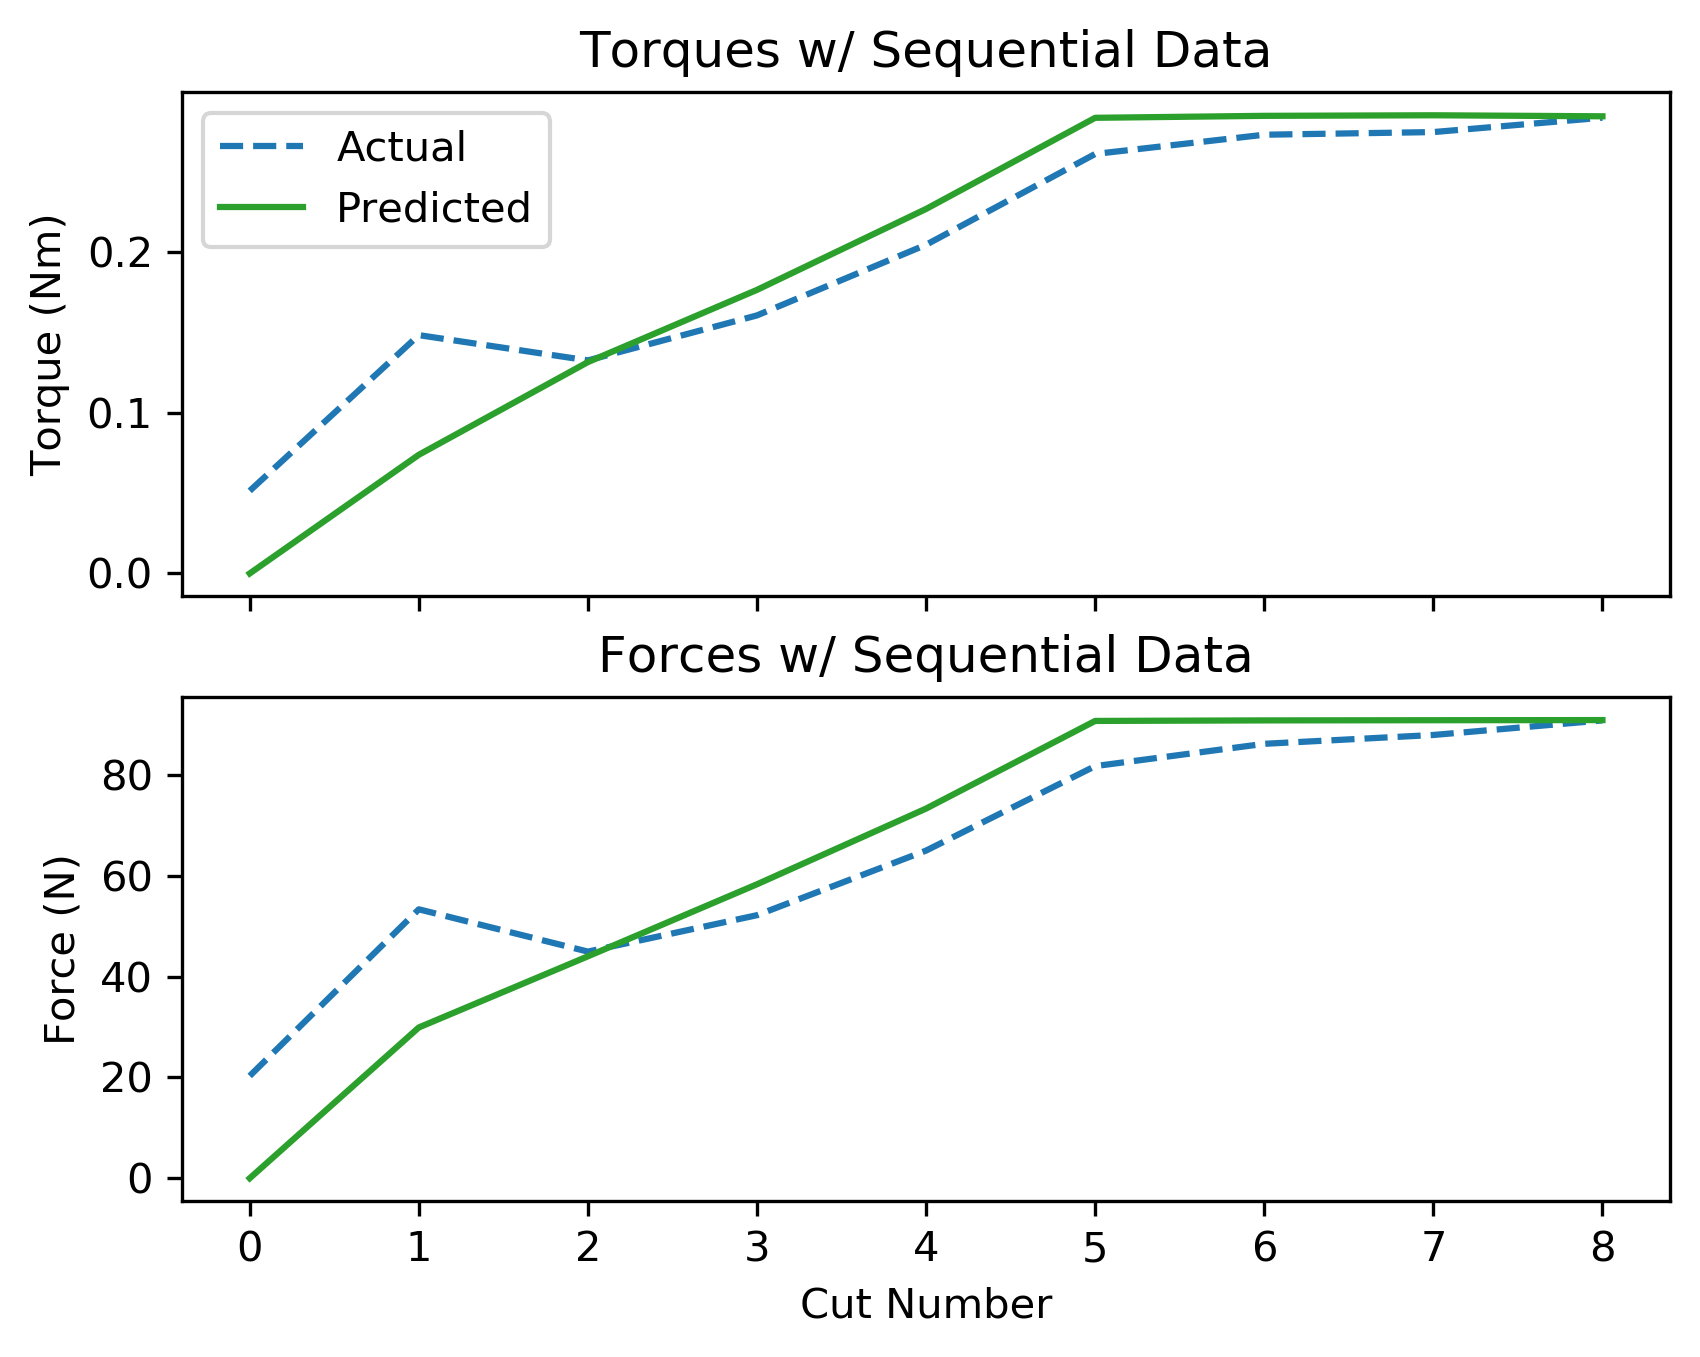 assets/ammp_graphs/ammp-lcs-1_4_seq_data.png